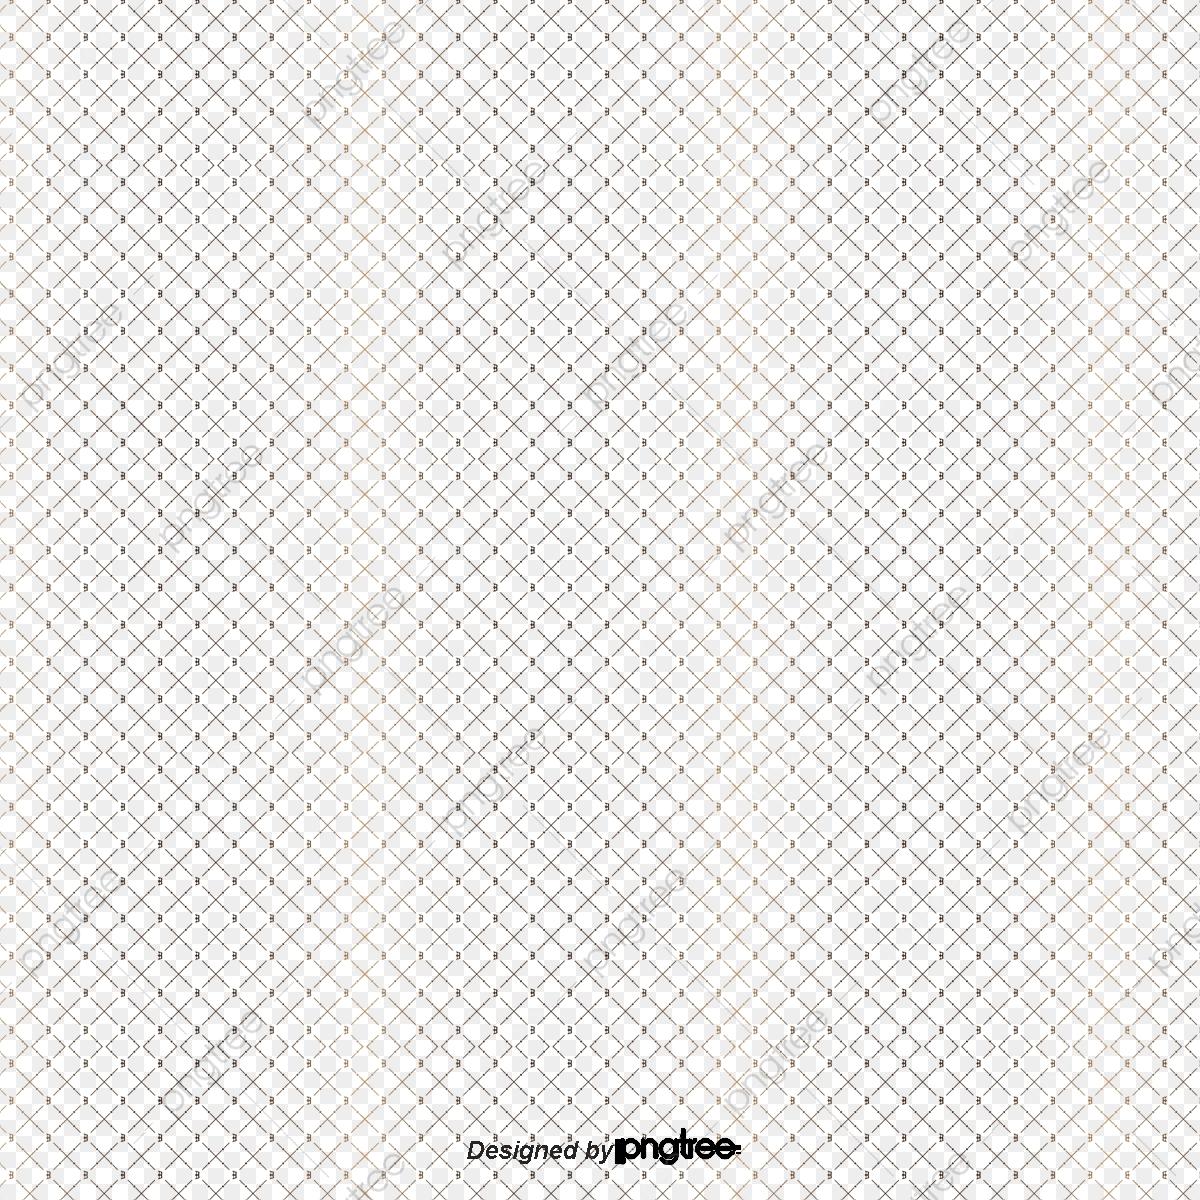 Textura De Malla, Grid Como, Textura, Textura PNG y Vector.